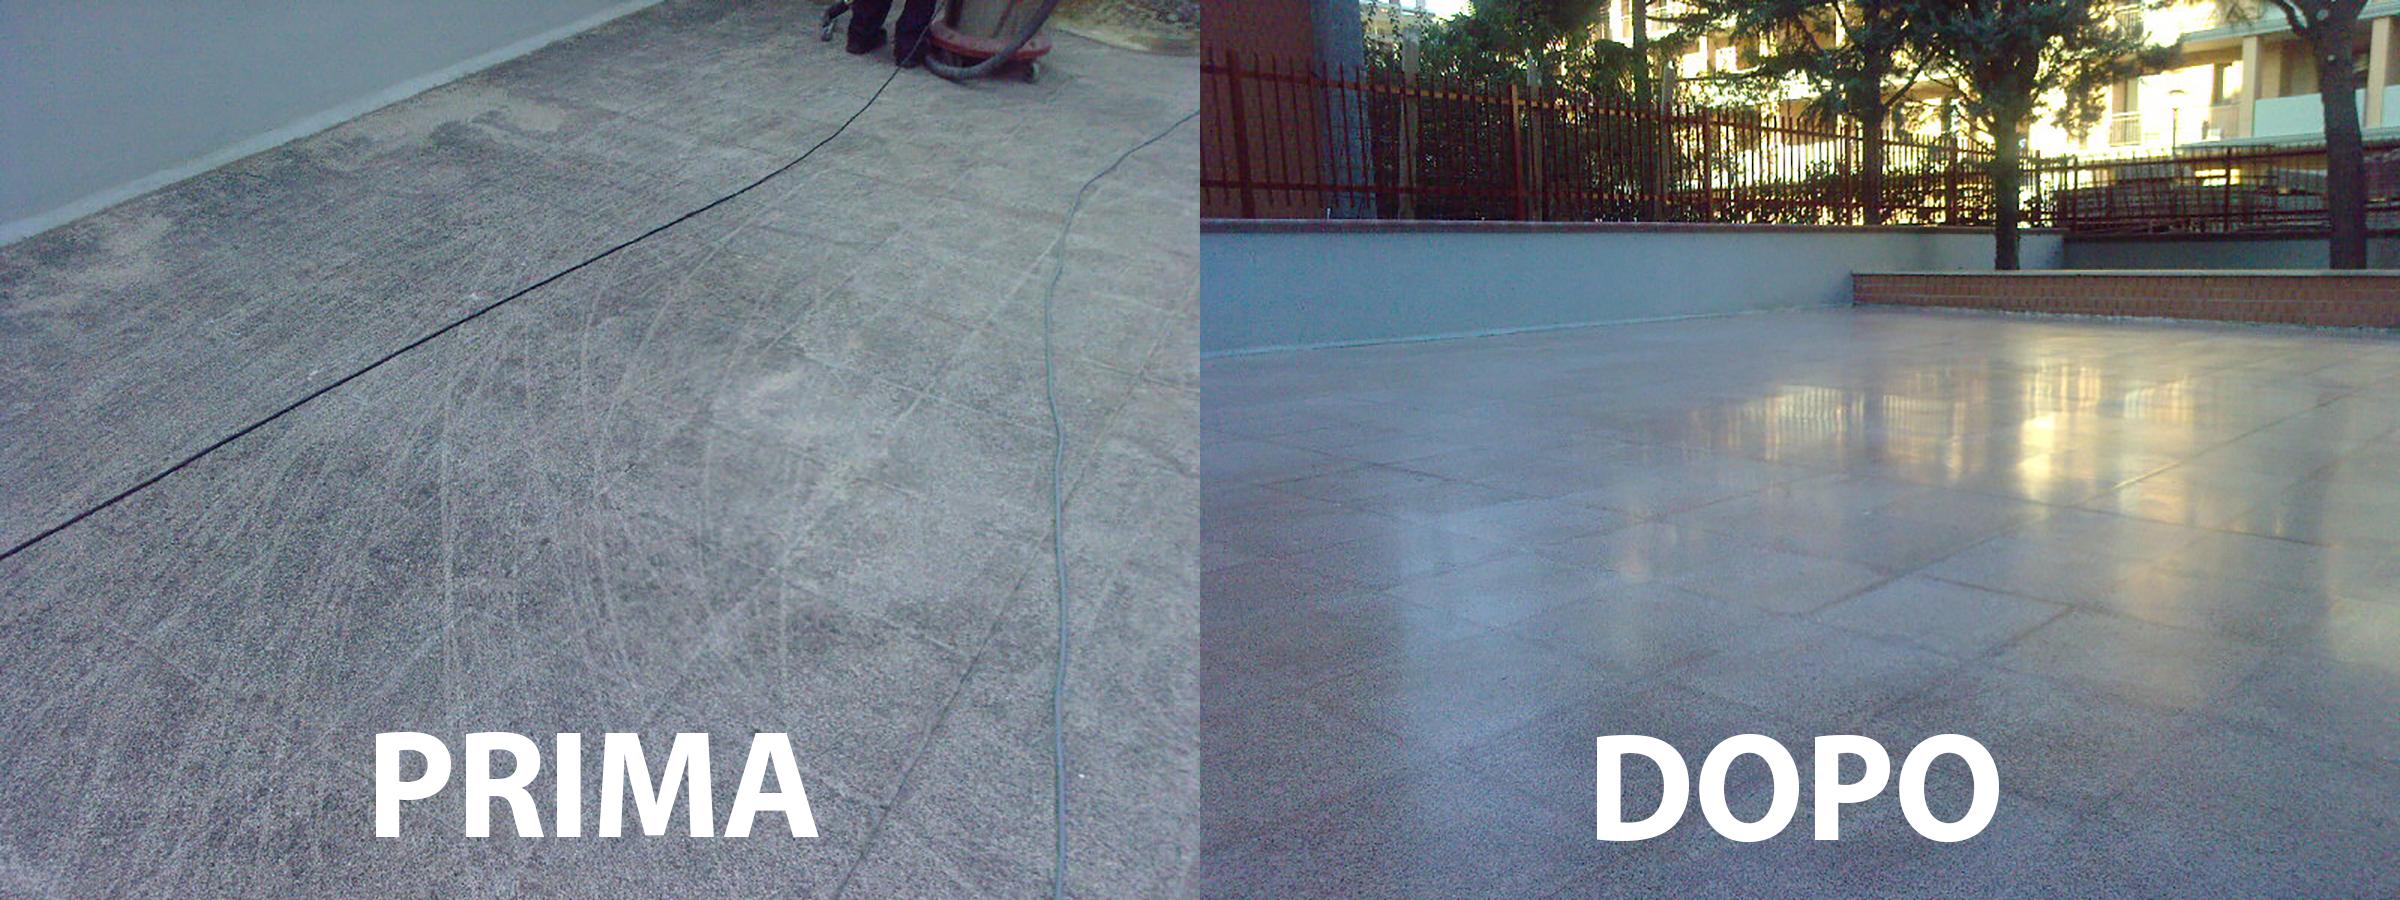 trattamento e pulizia pavimenti esterni